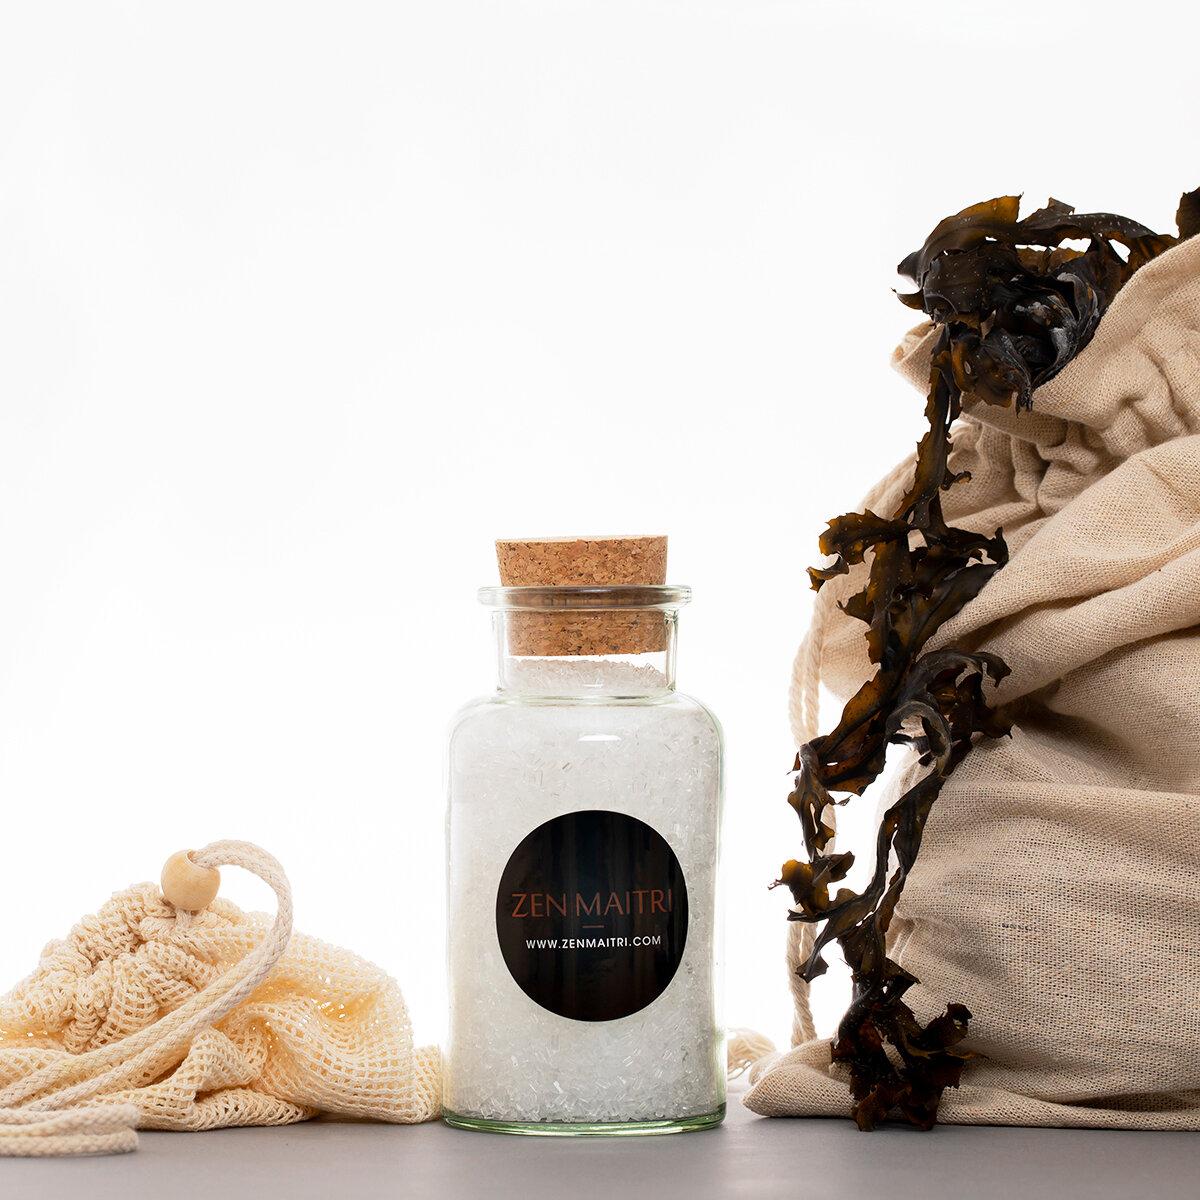 Seaweed Bath Kit | With Fucus serratus Atlantic Seaweed and Epsom Salt